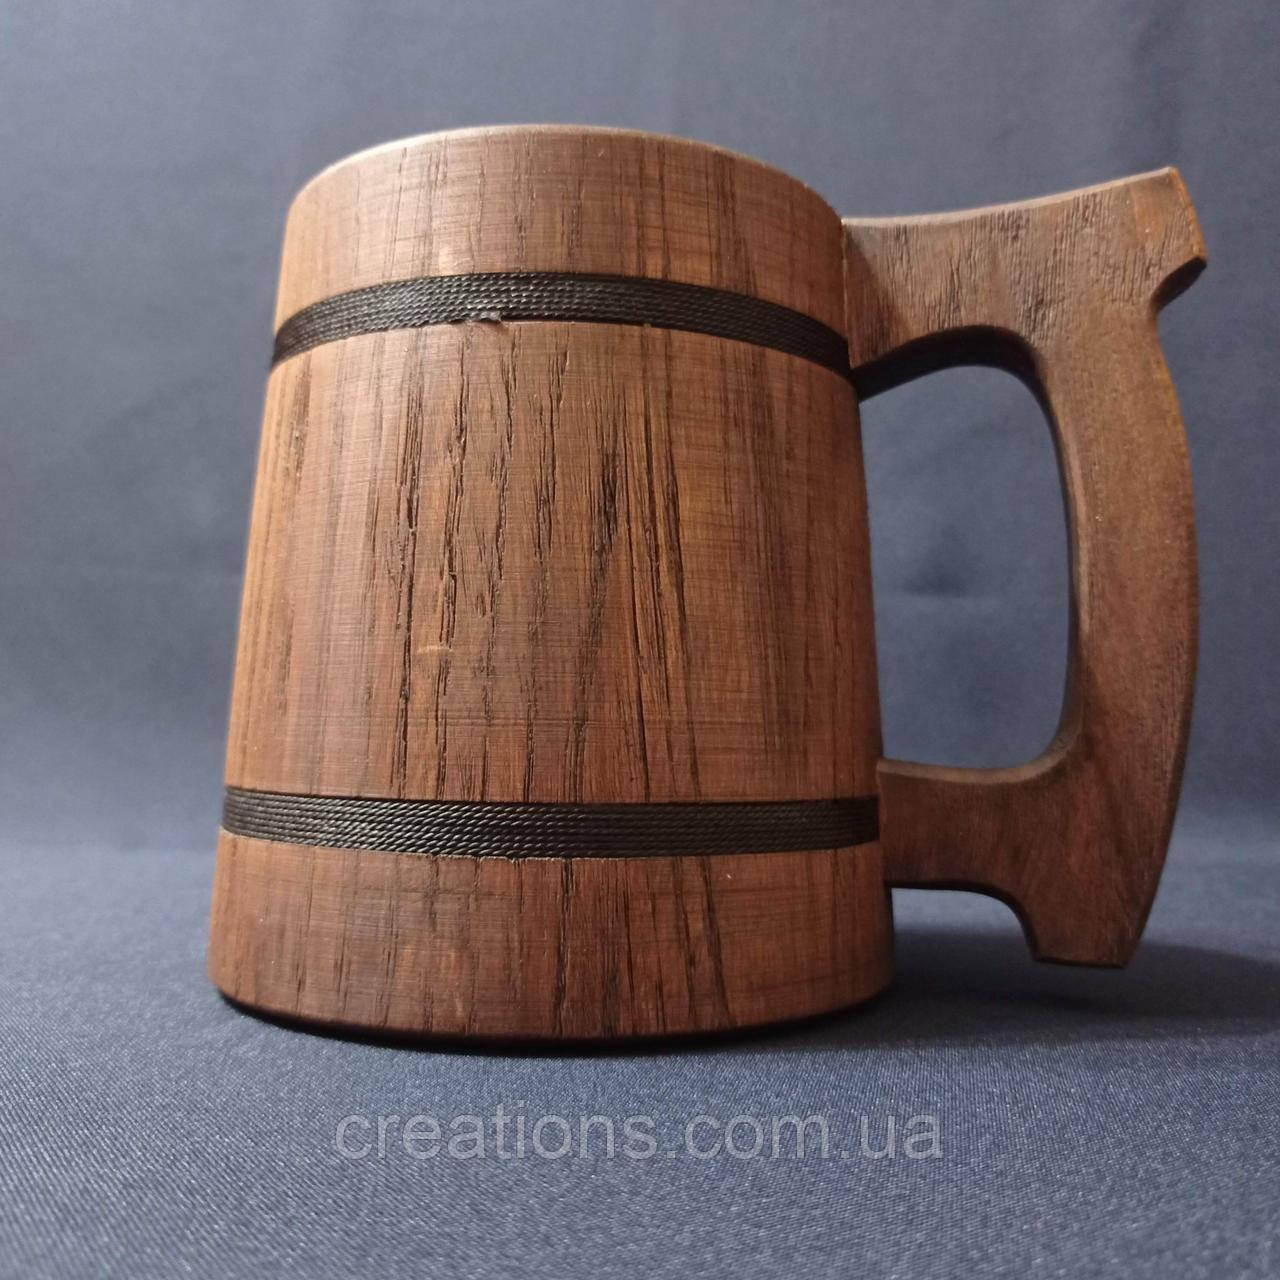 Деревянный бокал, металлическая вставка, пивная кружка, из дуба.